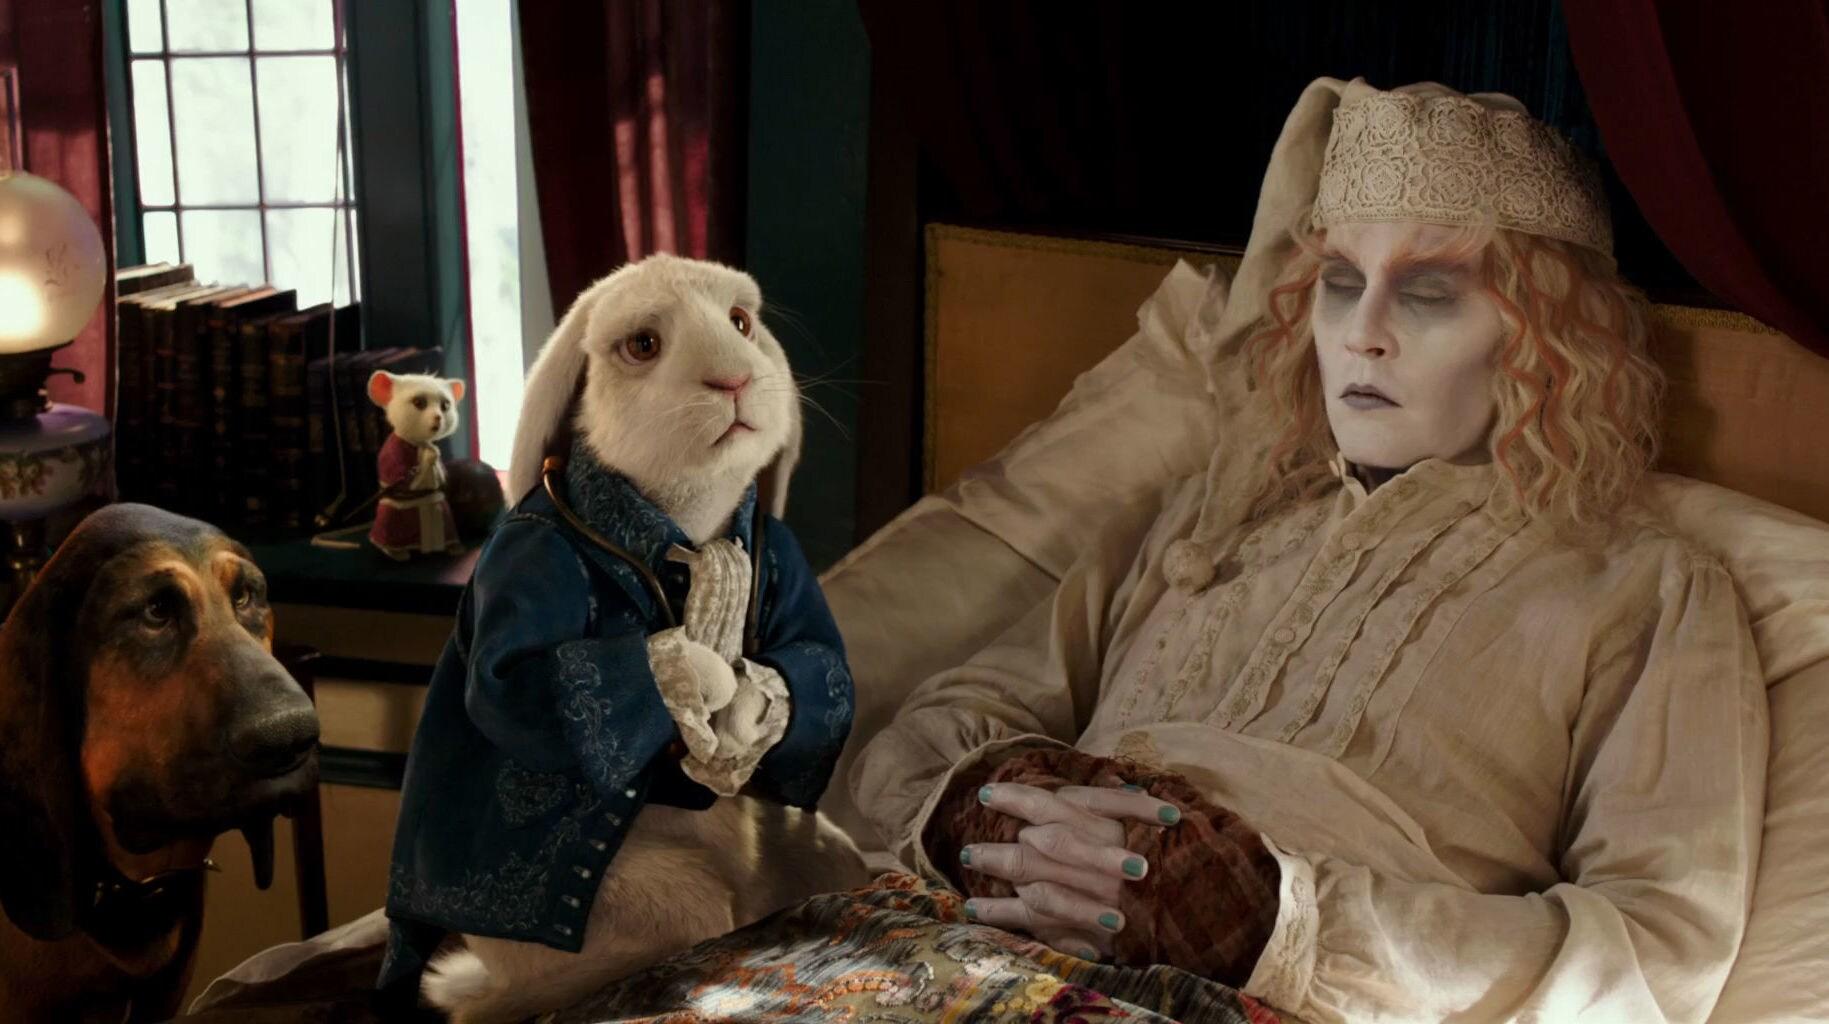 Alice i spegellandet - Officiell trailer